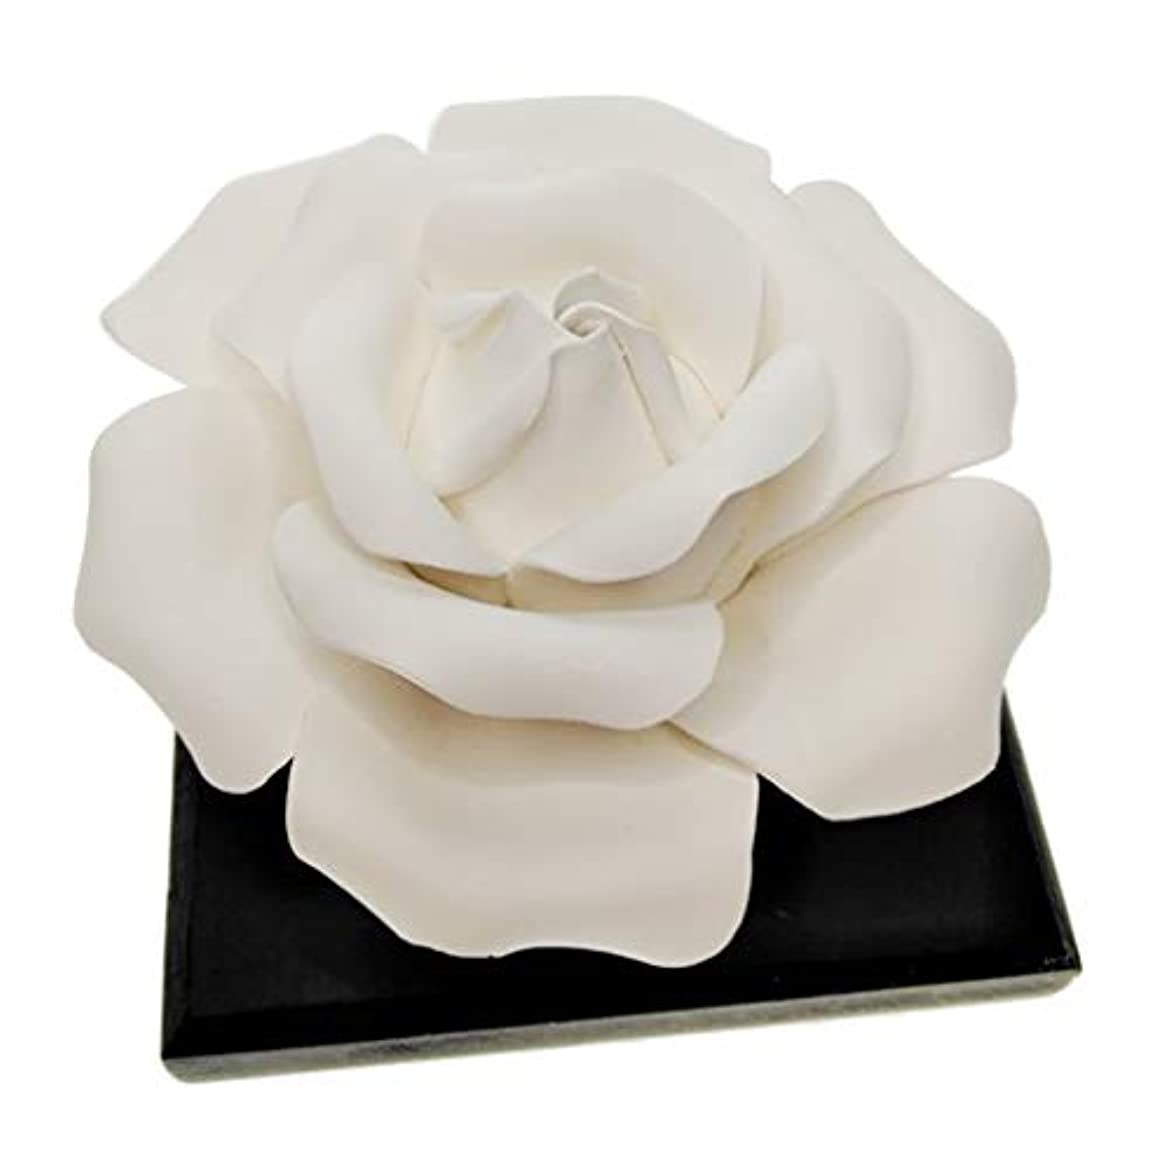 医薬品宿る戸口P Prettyia ローズフラワー エッセンシャルオイル 香水 香りディフューザー 美しい 装飾品